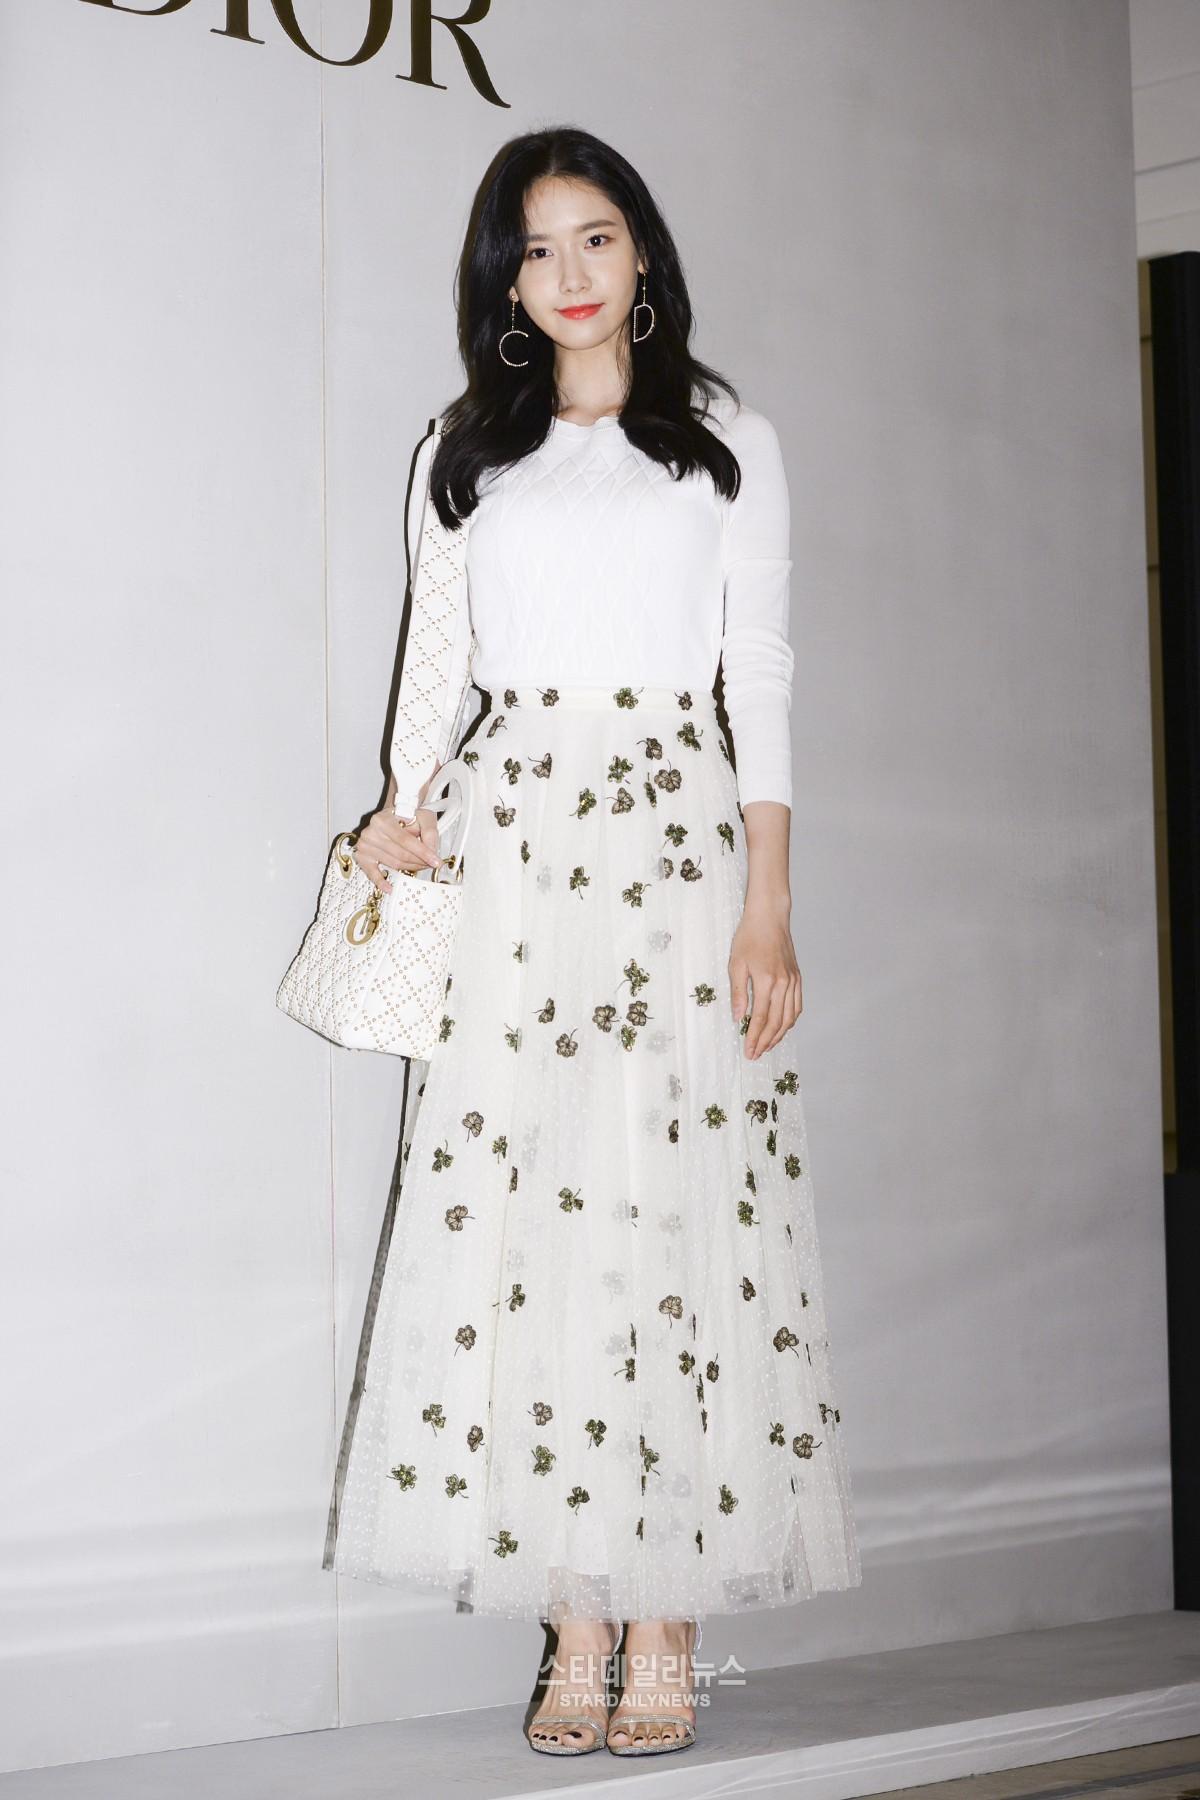 Yoona và Sulli cùng diện đồ hiệu đẳng cấp, đọ sắc vóc một chín một mười tại sự kiện của Dior - Ảnh 5.